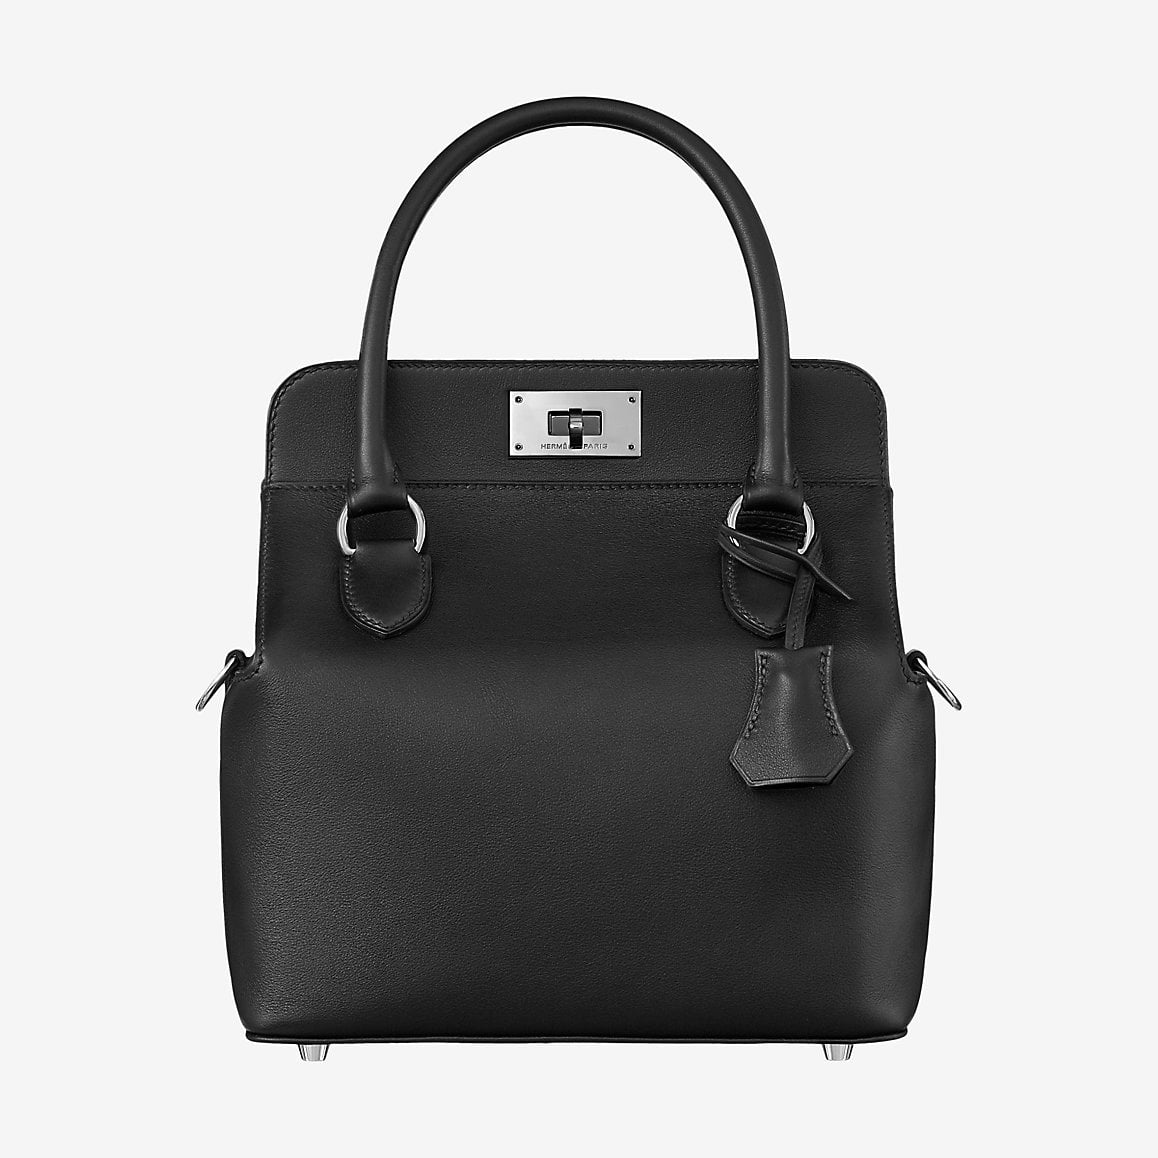 toolbox-20-bag--062206CK89-front-1-300-0-1158-1158